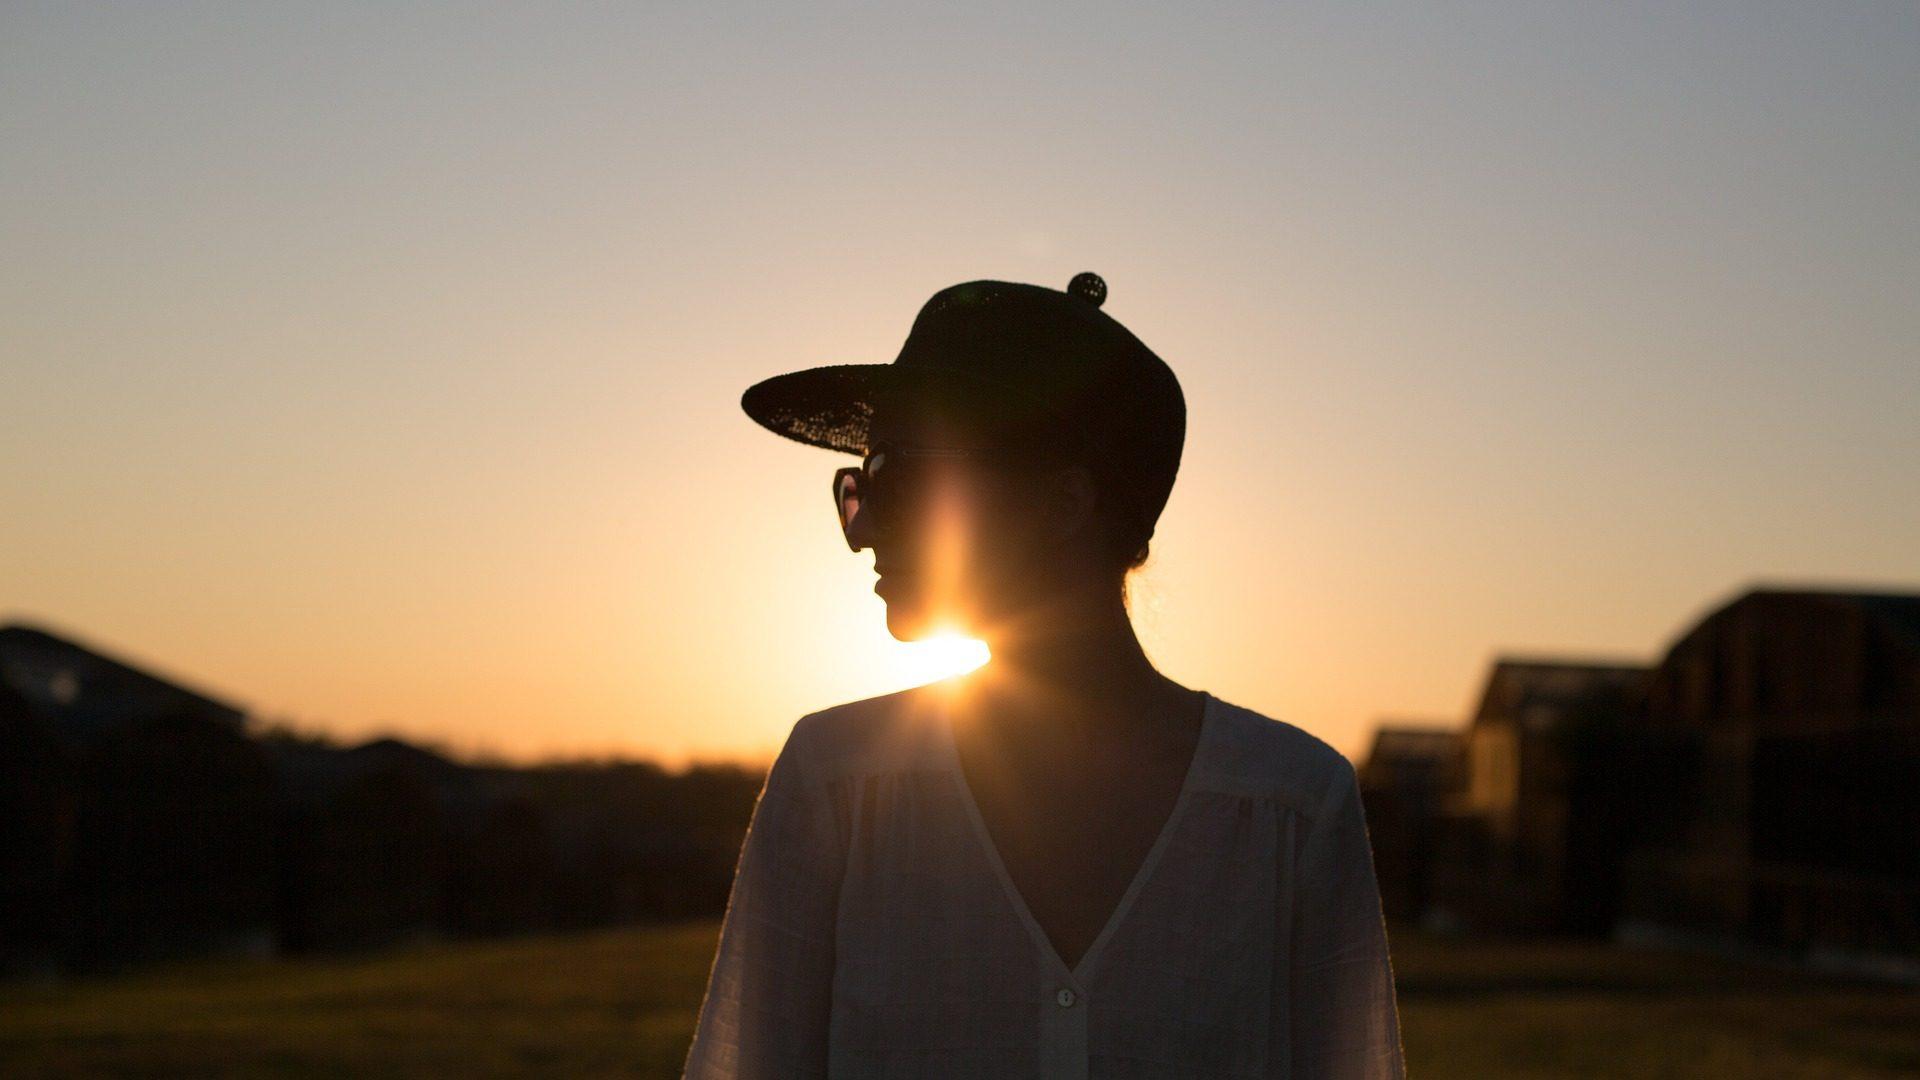 女性, 太陽, サンセット, キャップ, シャドウ, シルエット - HD の壁紙 - 教授-falken.com